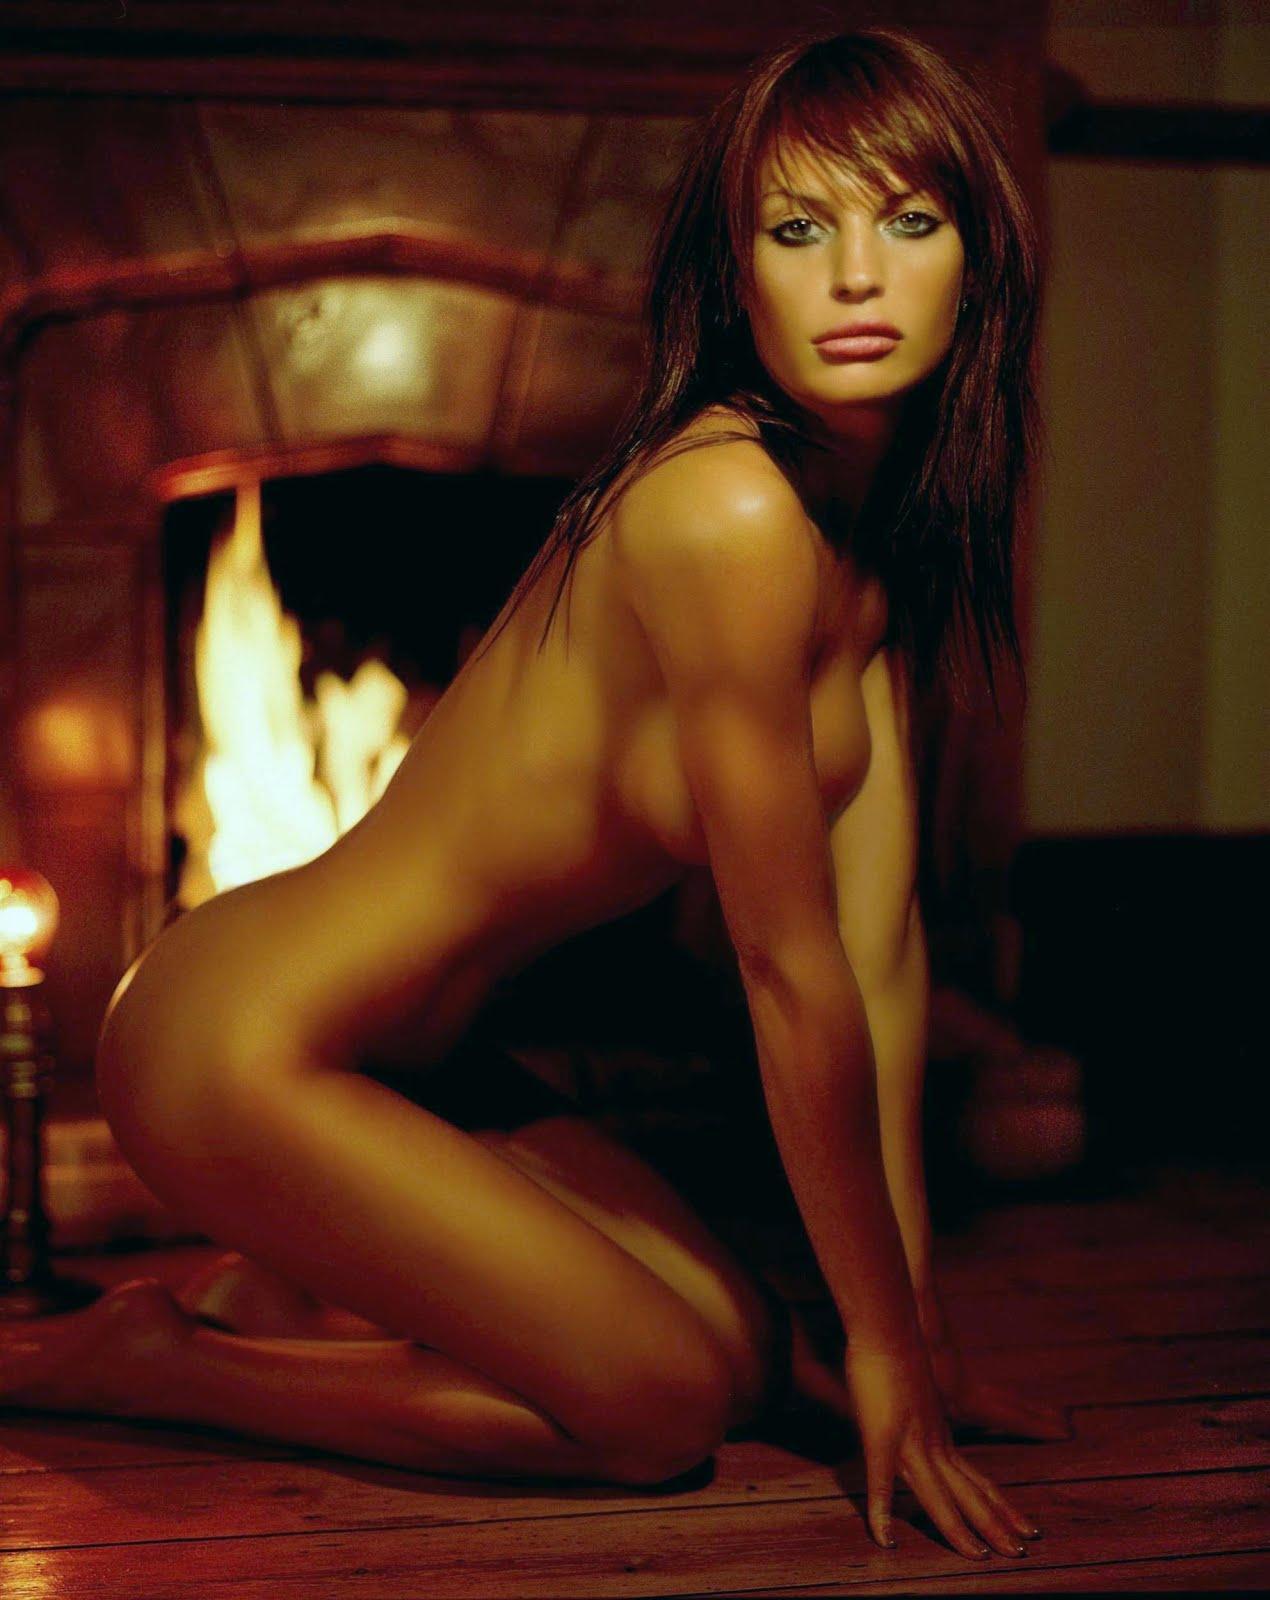 Jolene blalock enterprise nude